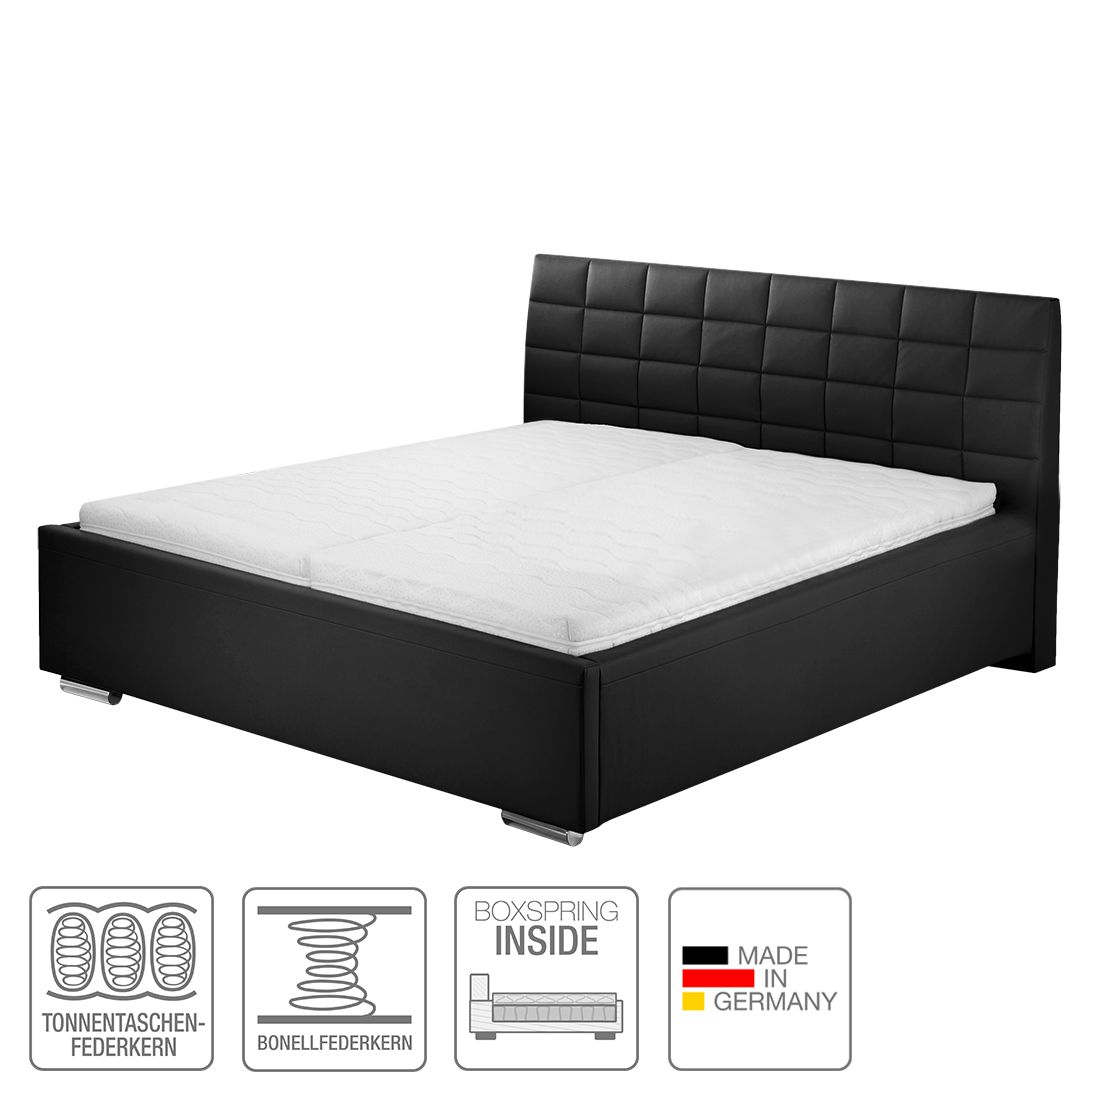 boxspring inside bett victoria kunstleder 160 x 200cm h3 ab 80 kg. Black Bedroom Furniture Sets. Home Design Ideas